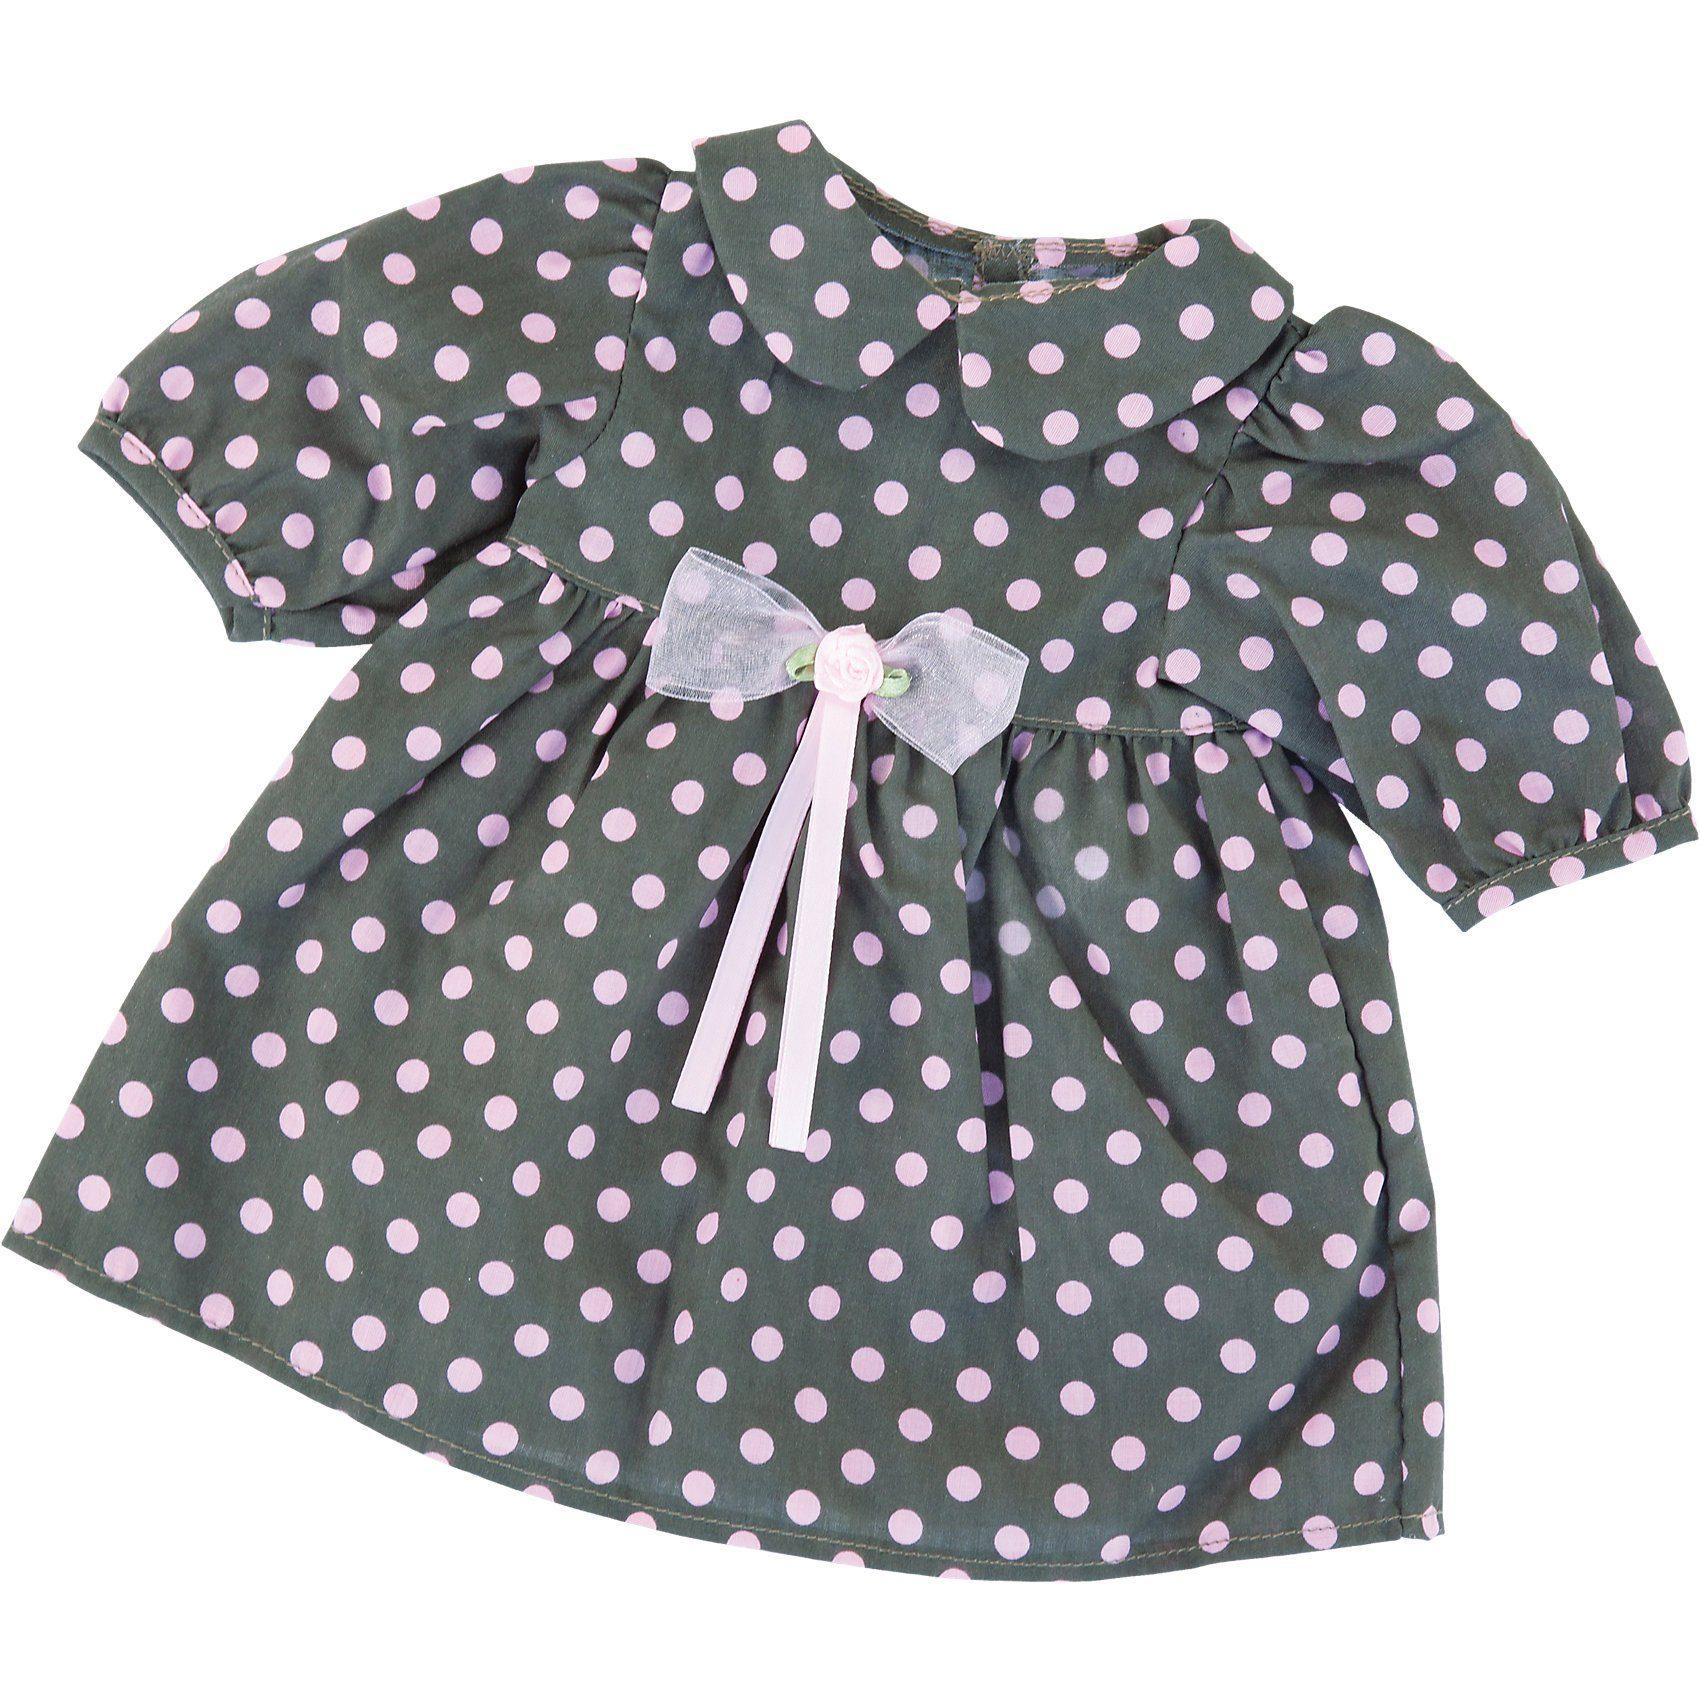 BAYER Puppenkleidung Deluxe Kleid, 38 cm